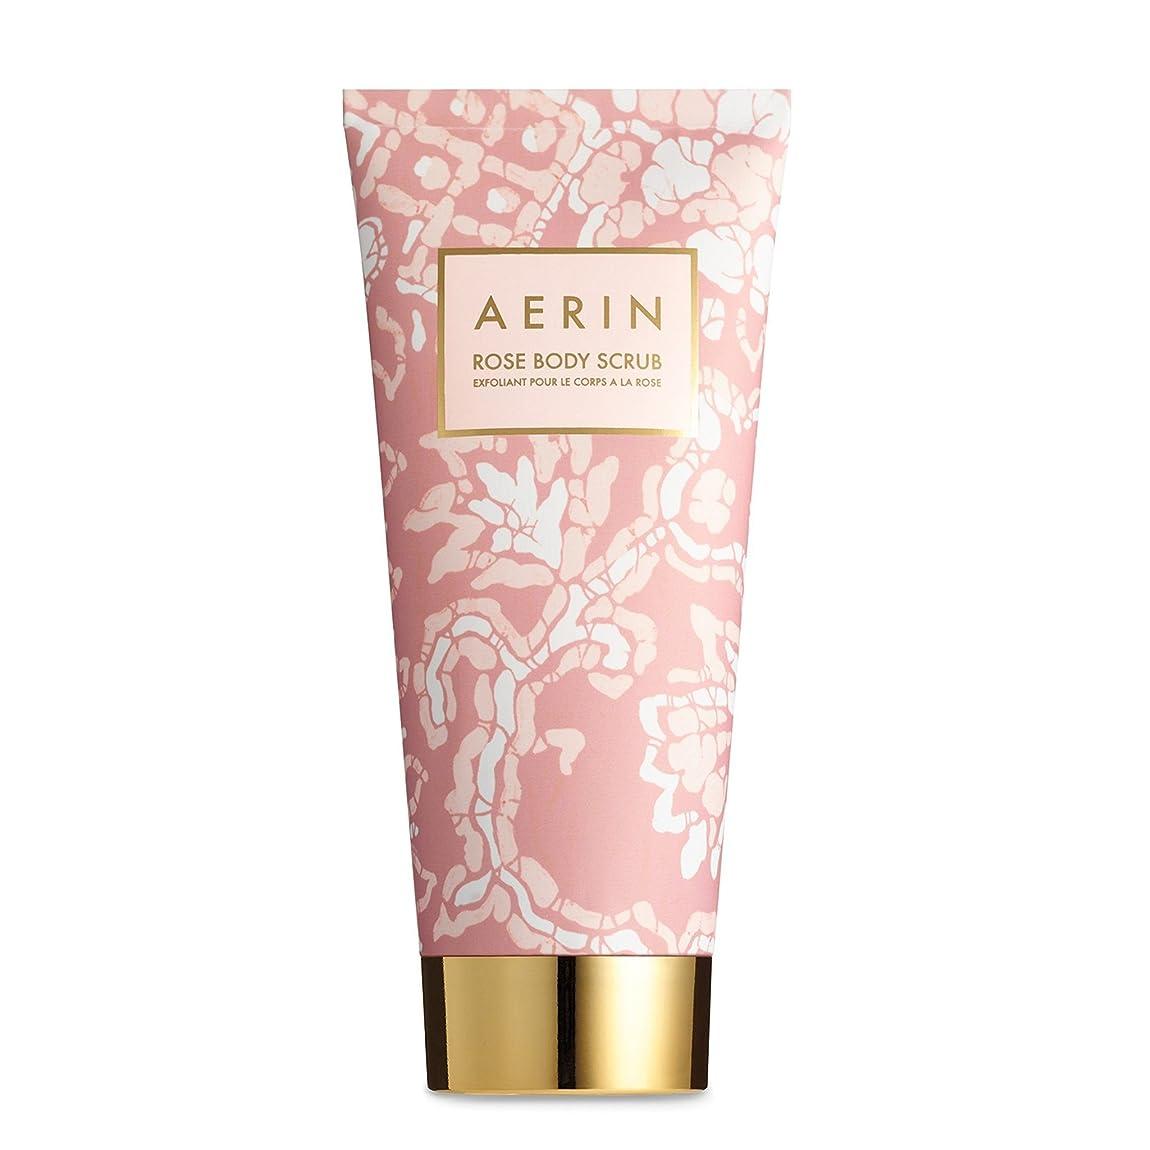 きゅうりクラウド協力AERIN Rose Body Scrub(アエリン ローズ ボディー スクラブ) 6.7 oz (200ml) by Estee Lauder